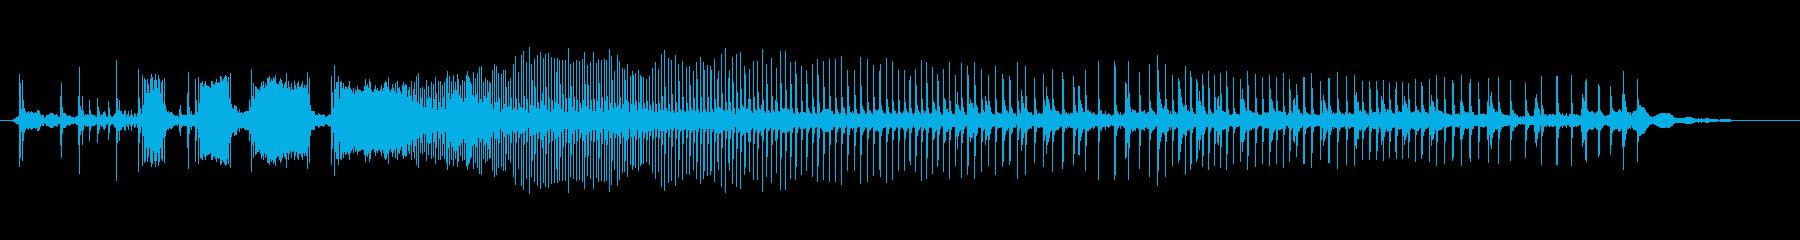 ワードローブ、開いた、長い、非常に...の再生済みの波形